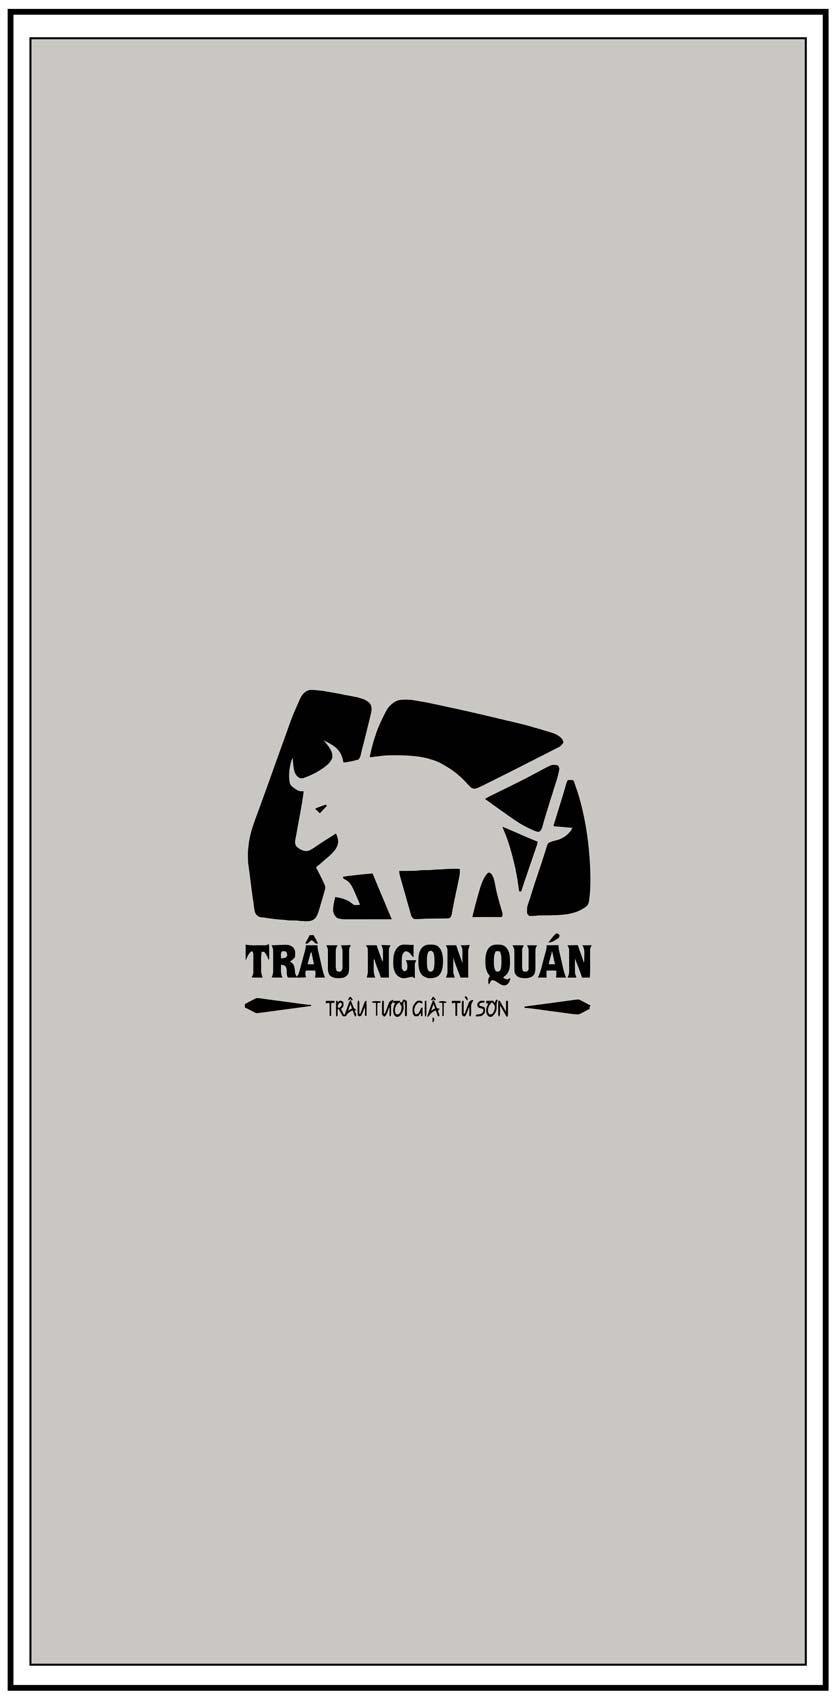 Menu Trâu Ngon Quán -  Hoàng Đạo Thúy 12